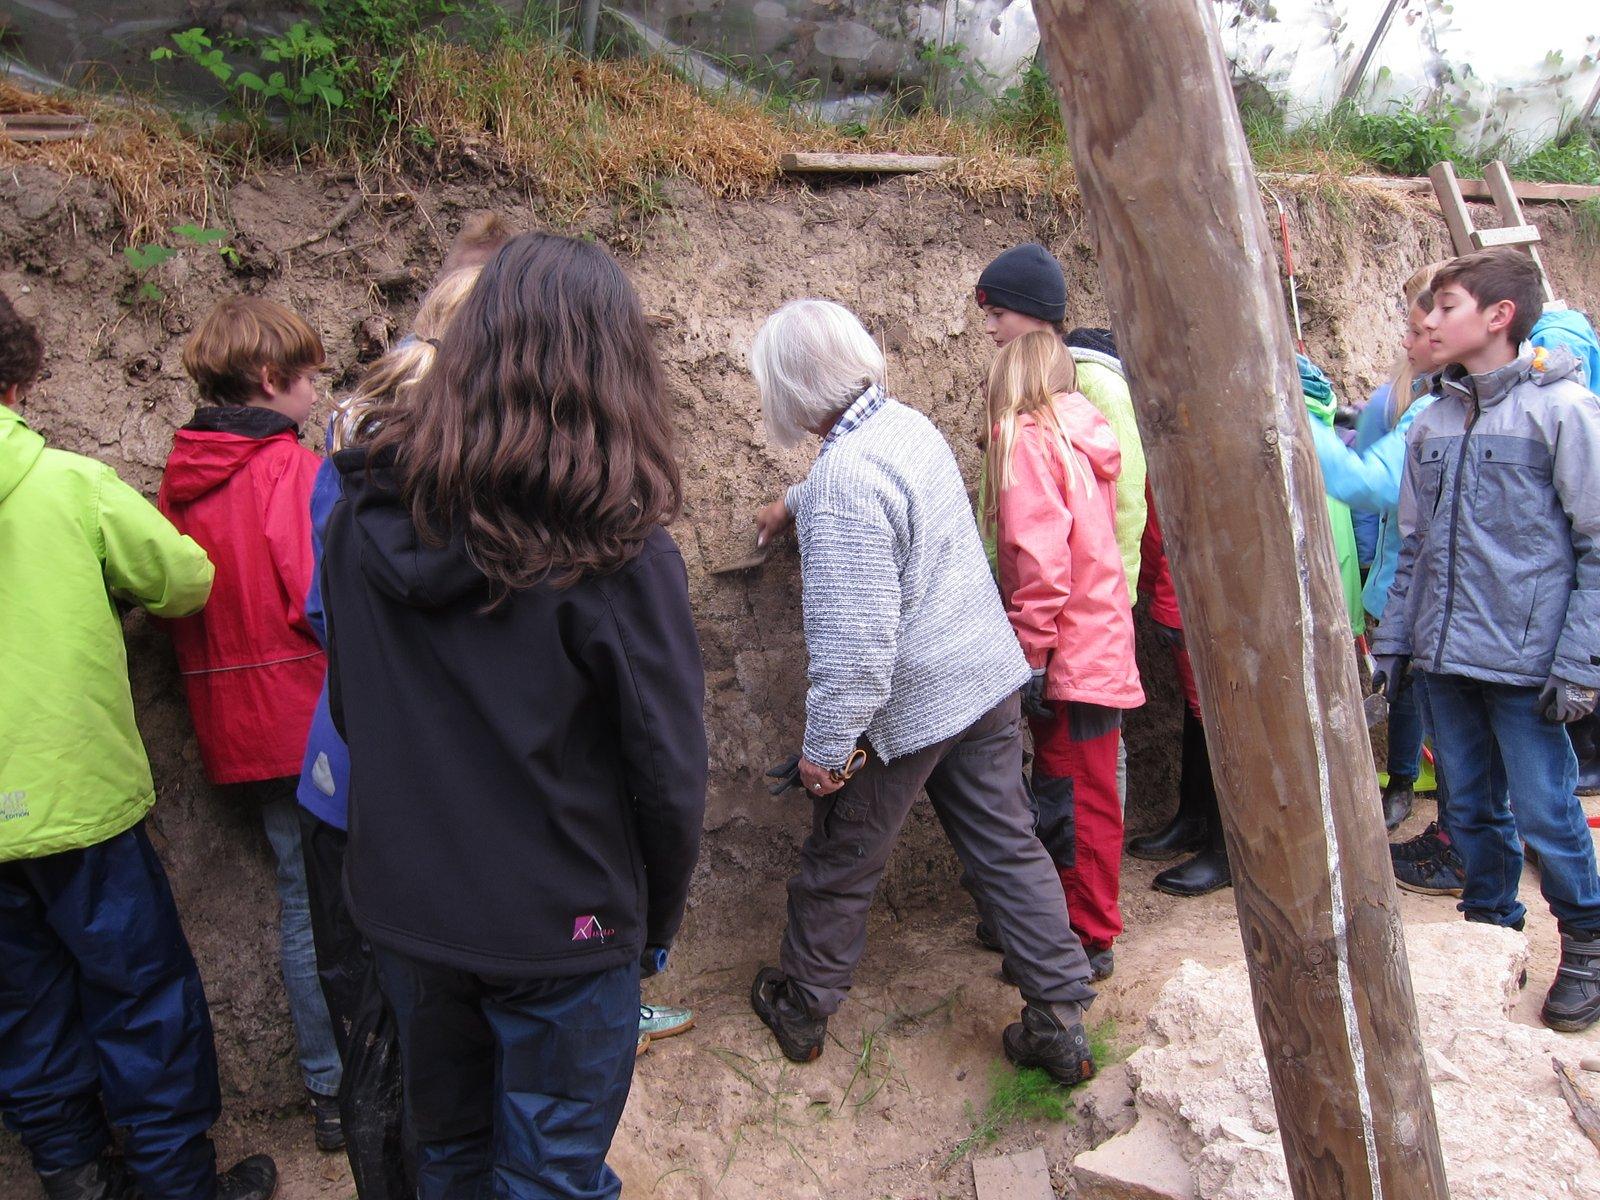 Die Schüler des Ottheinrich-Gymnasiums inspizieren die Ausgrabungsstelle